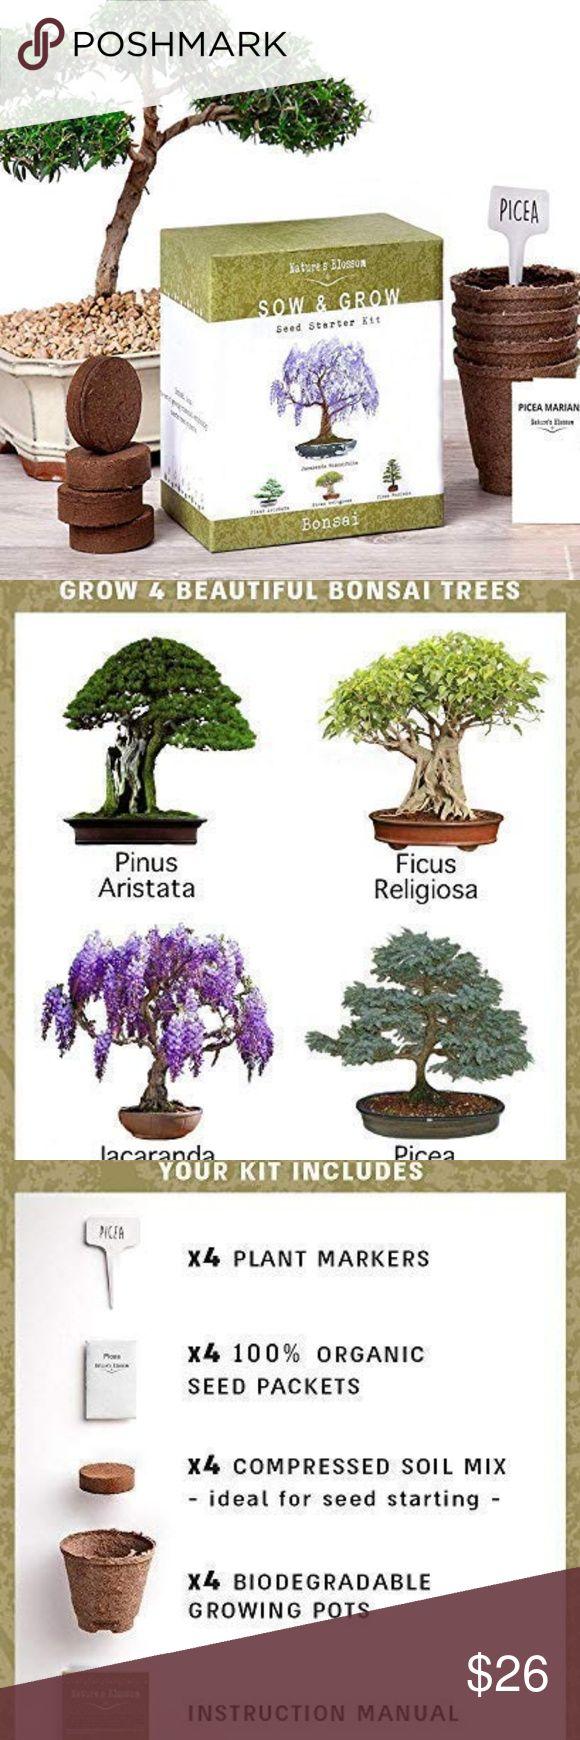 Nature S Bonsai Tree Garden Seed Starter Kit Bonsai Tree Seed Starter Kit Garden Seeds